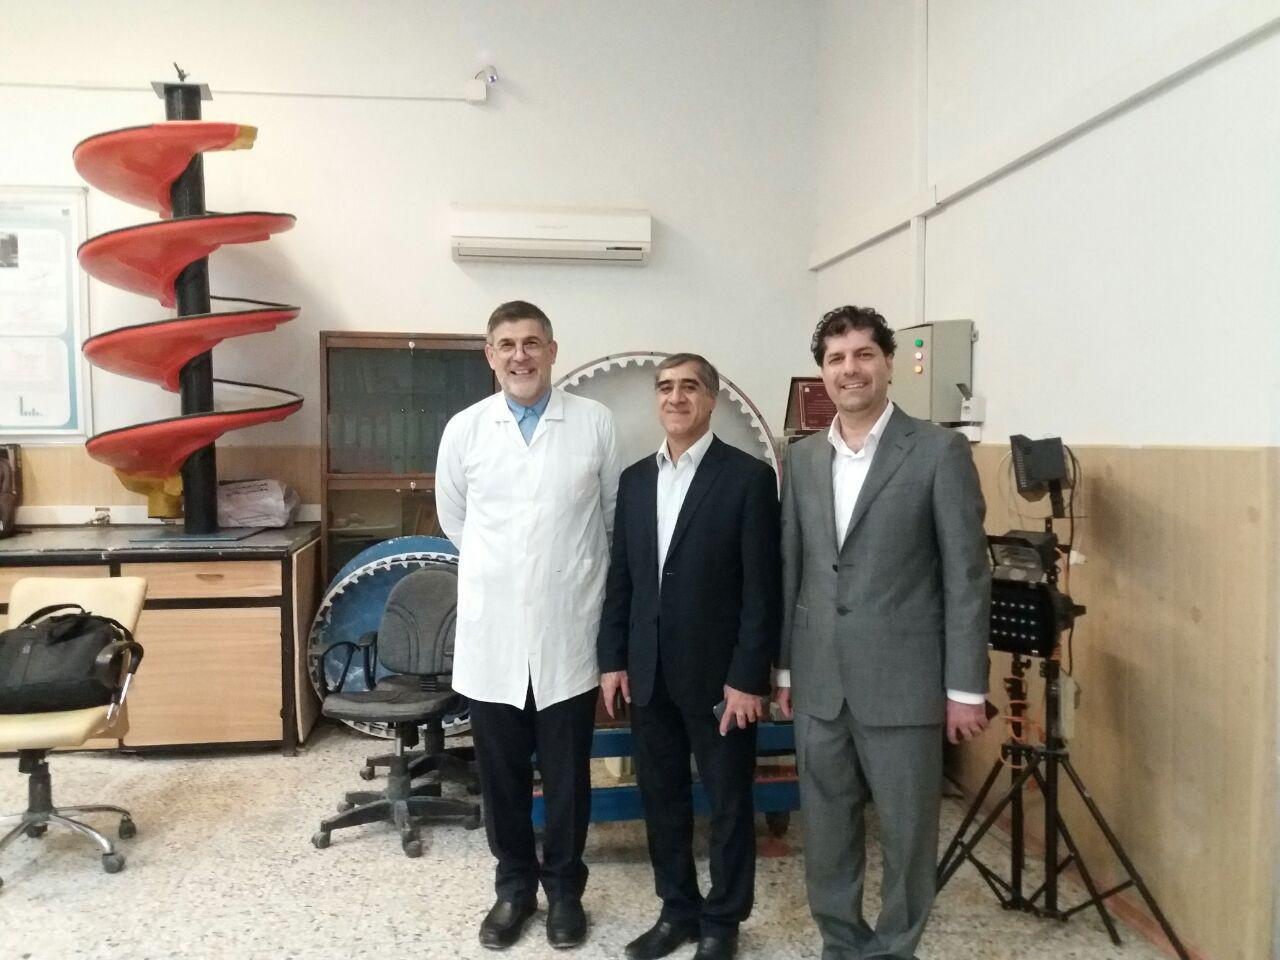 بازدید دکتر علی دهقانی عضو هیات علمی دانشگاه یزد از مرکز تحقیقات فرآوری مواد کاشی گر